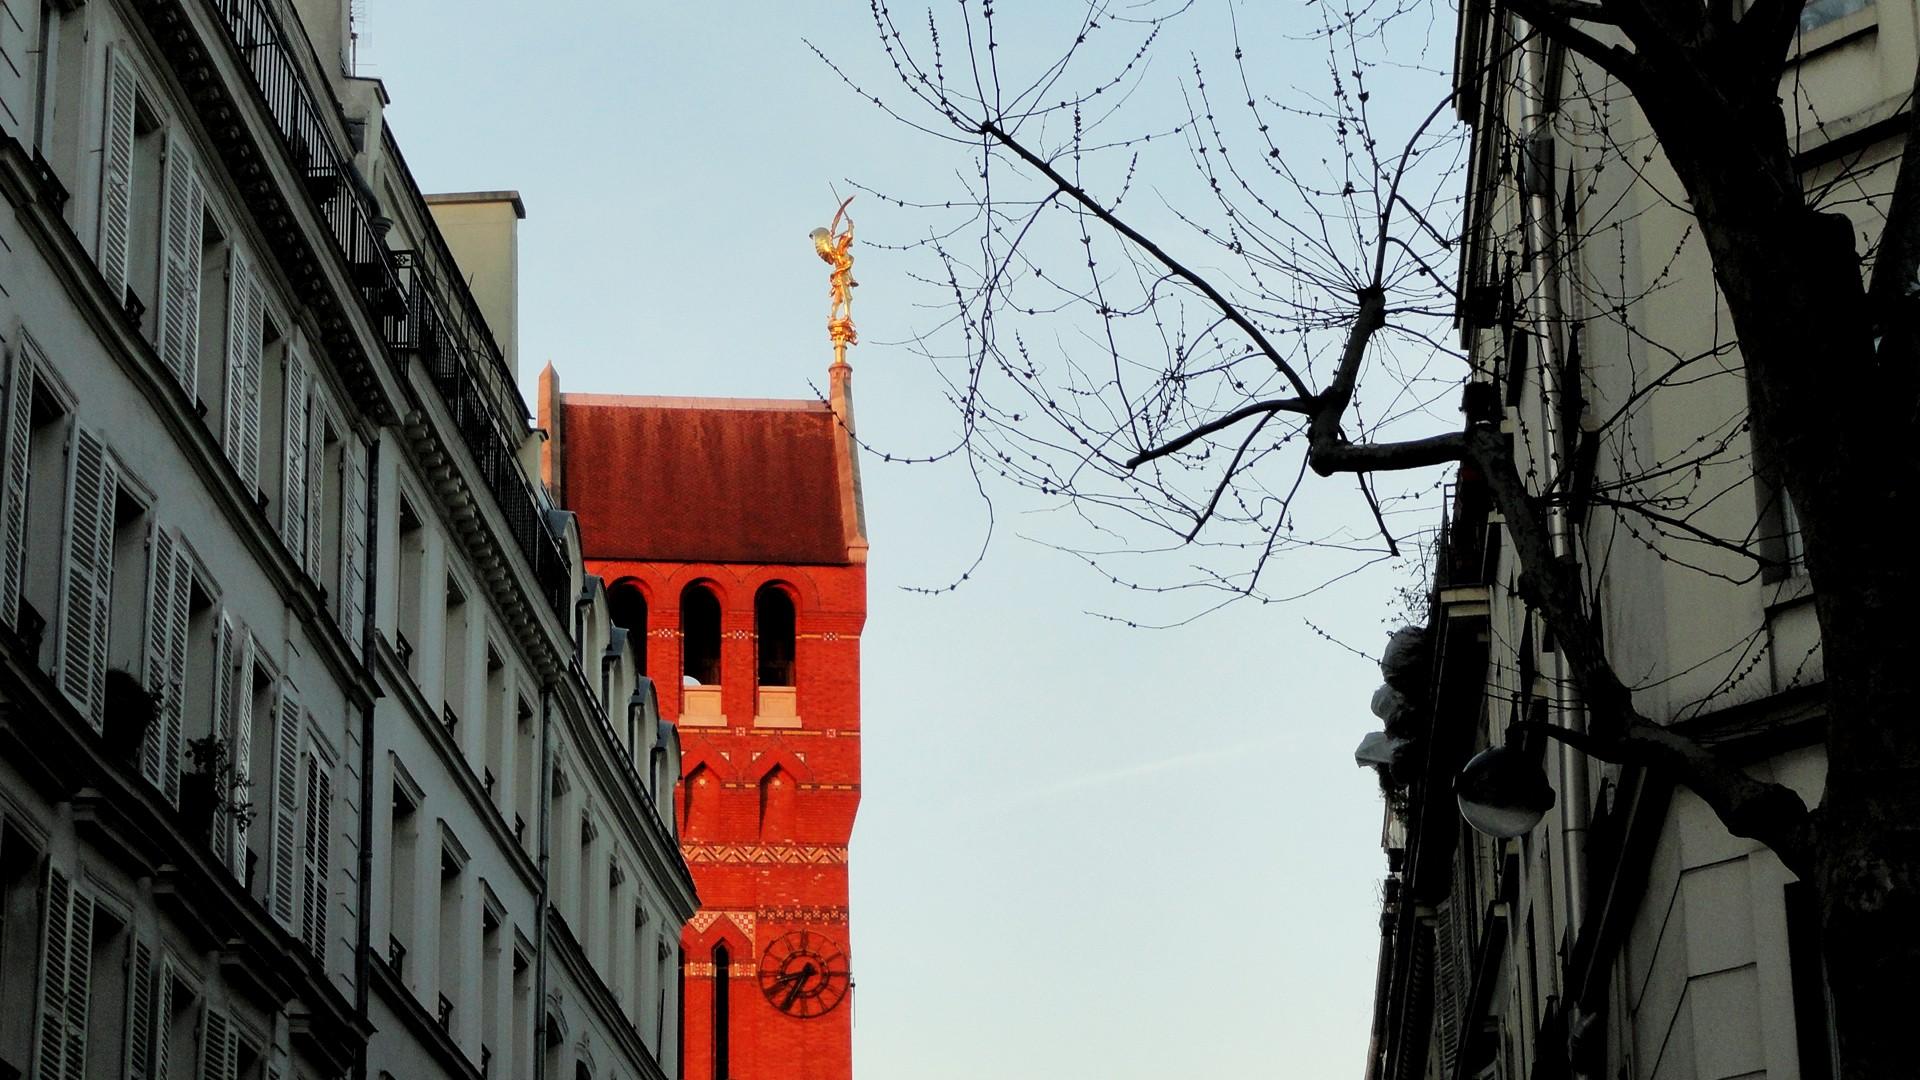 Balade le long de la Petite Ceinture (17e et 18e) - Quartier des Batignolles - Eclise Saint-Michel des Batignolles